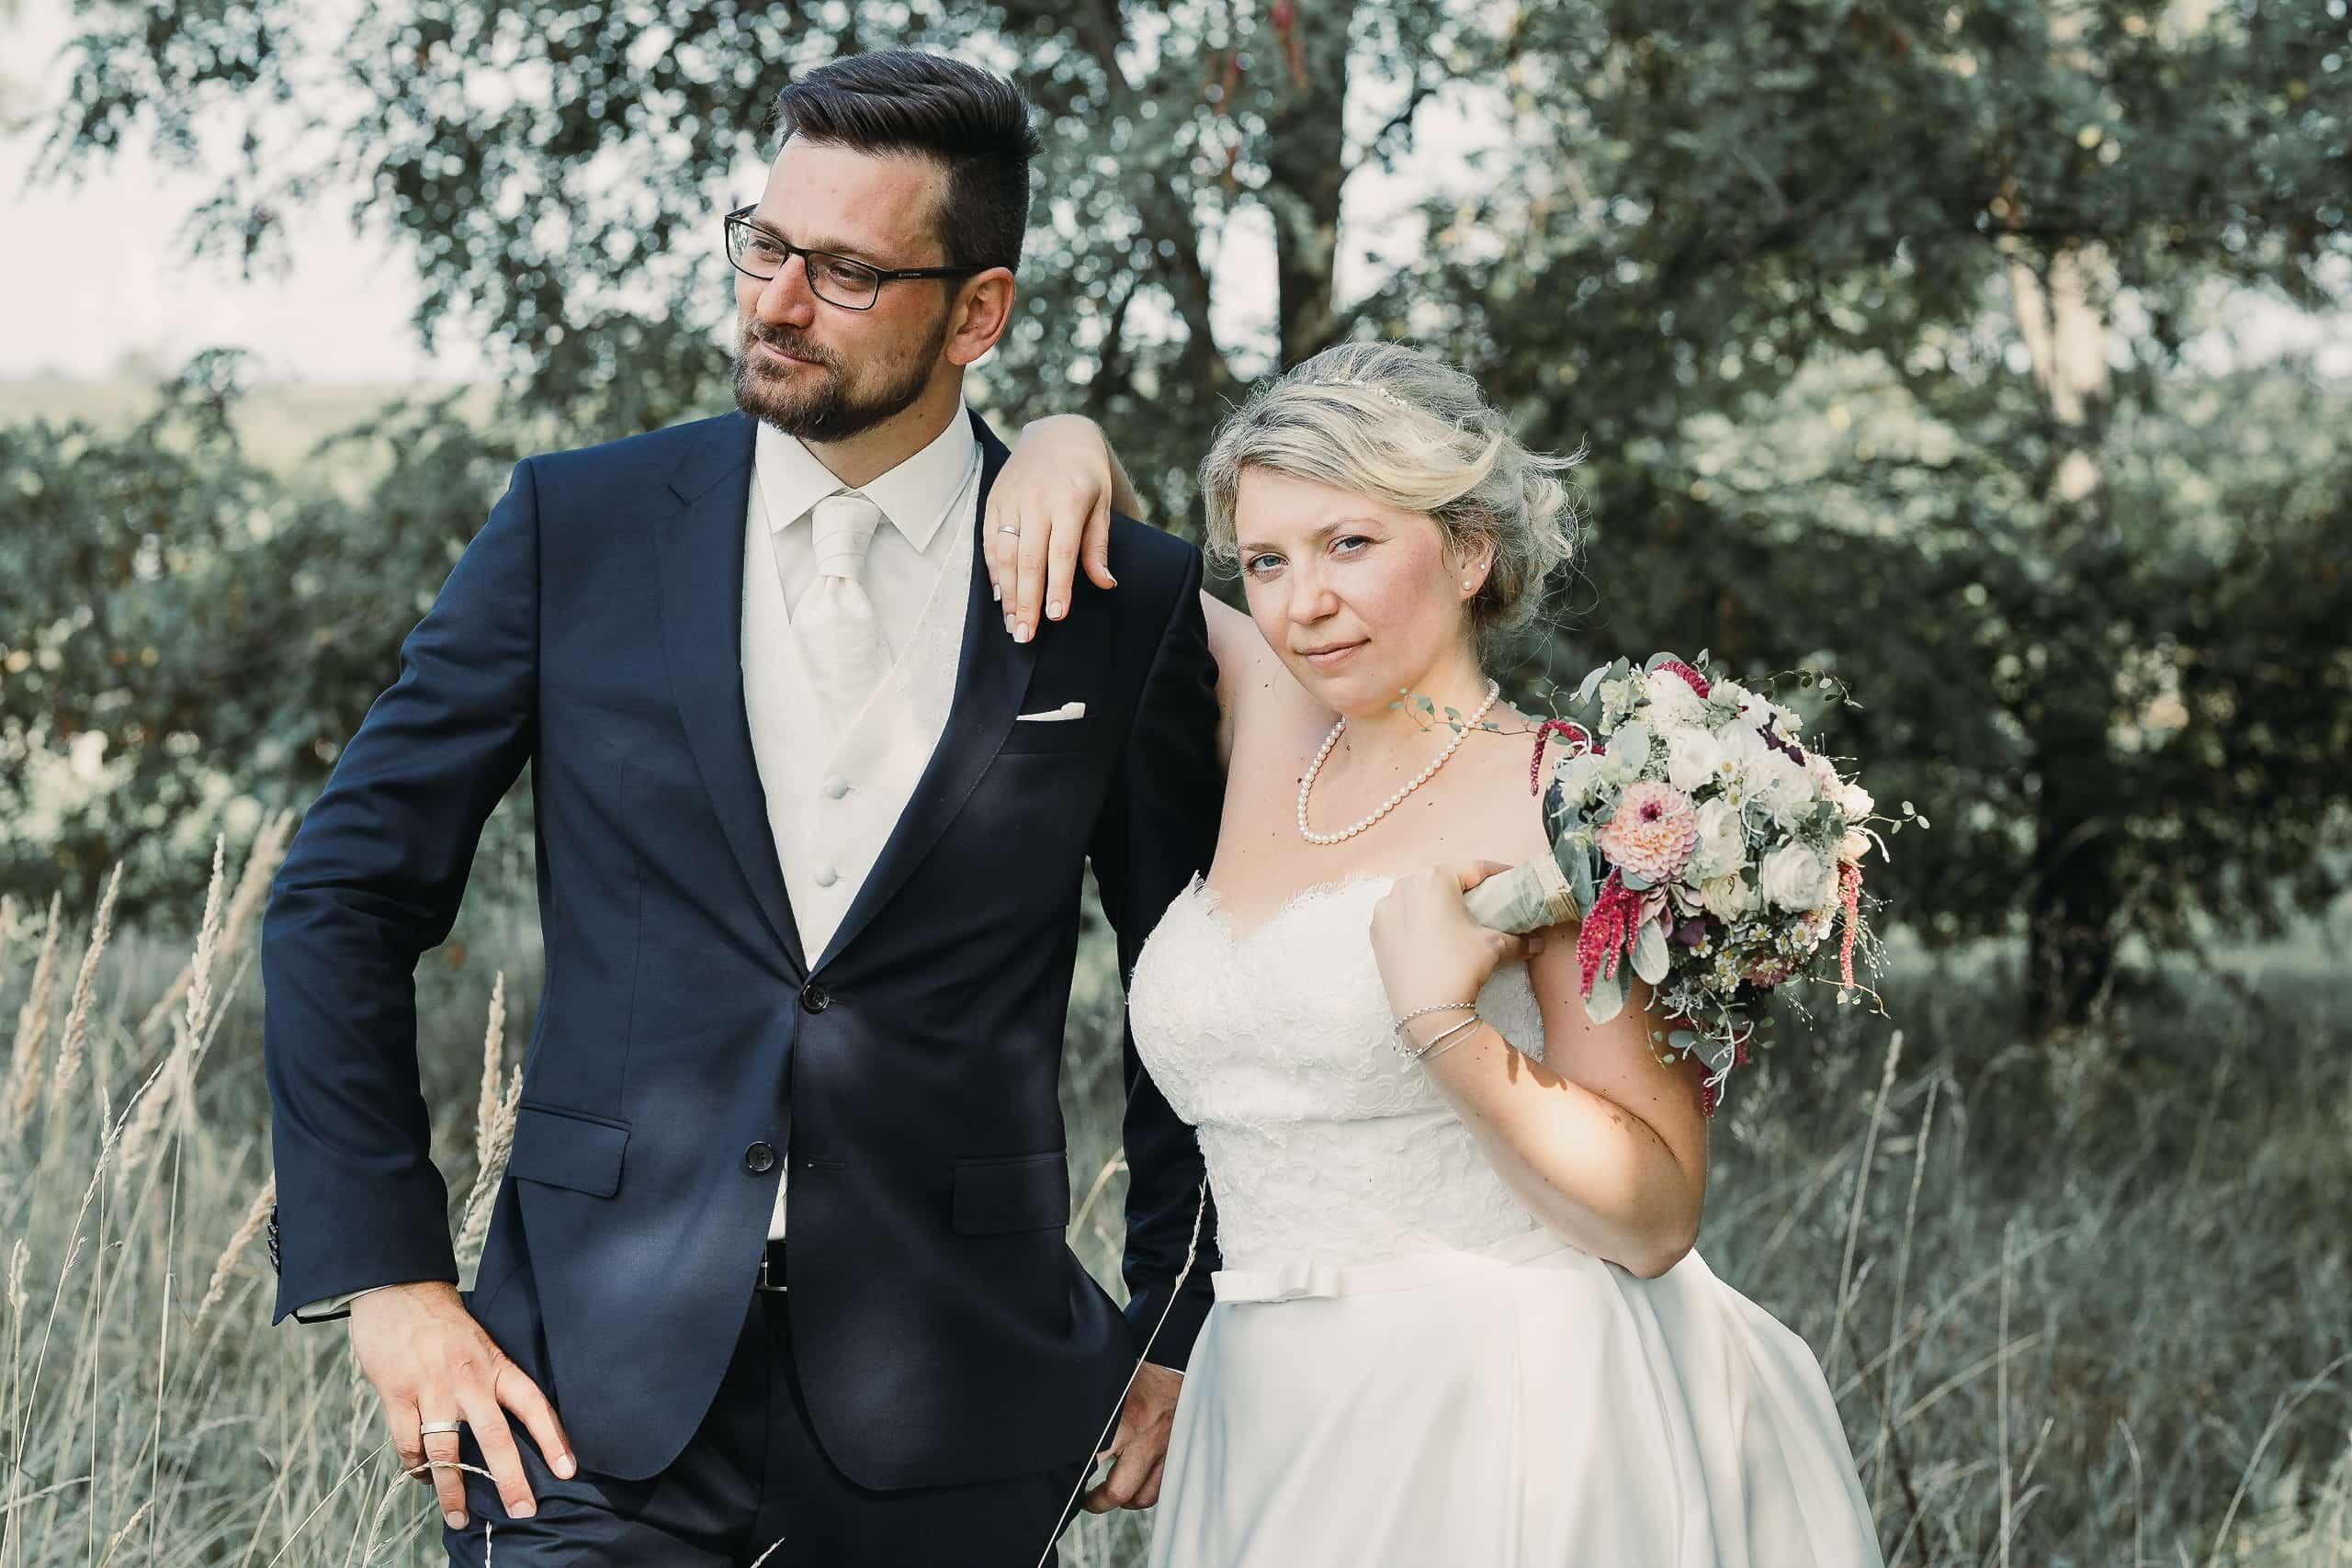 Hochzeitsfotograf, Kärtnen, Klagenfurt, Villach, Wörthersee, Brautfotos Gols Weinberge Neusiedl am See Boho Modern kreativ